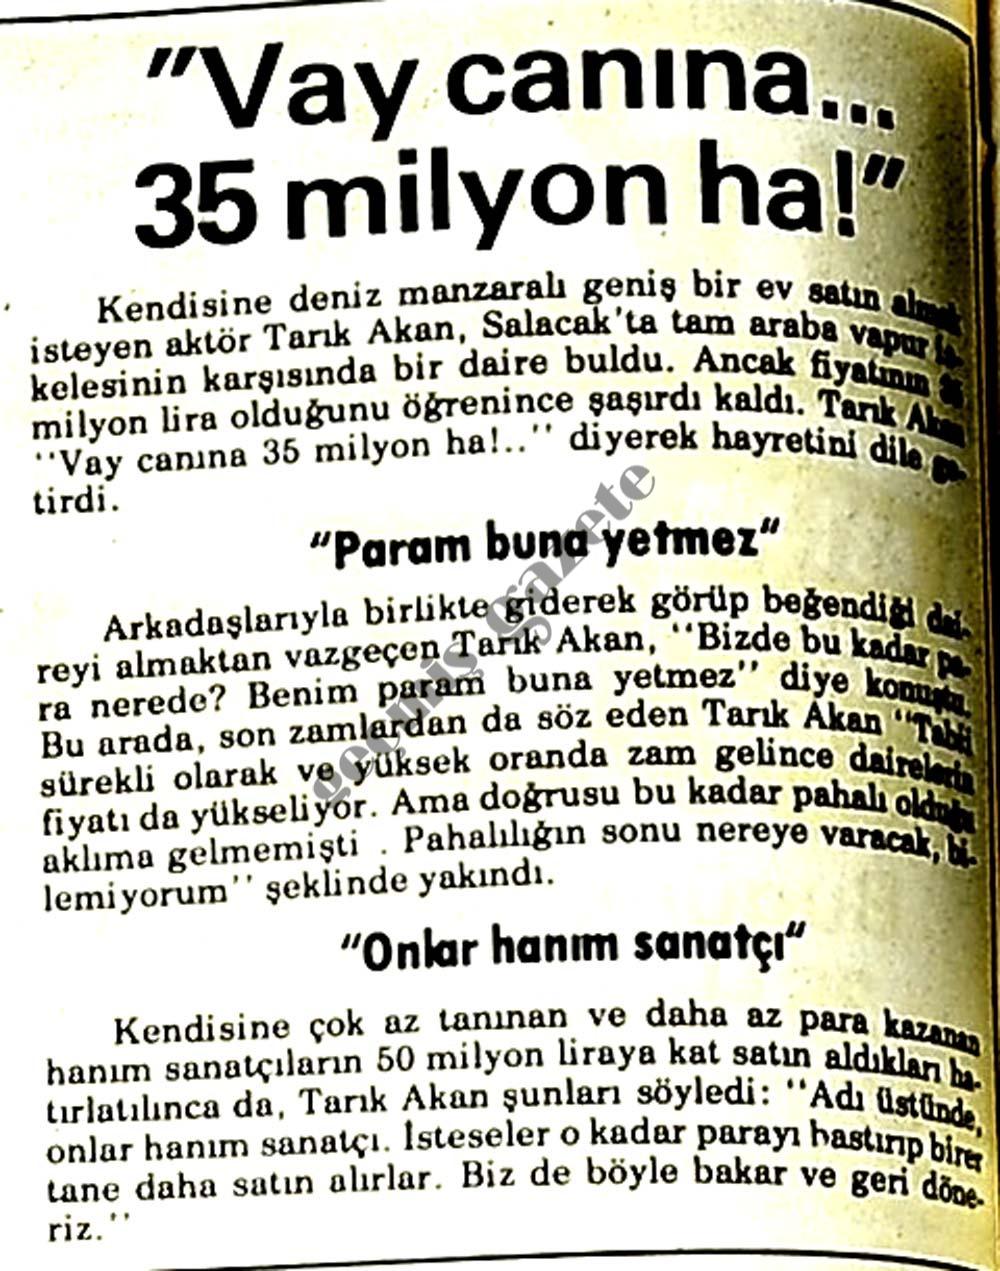 Vay canına...35 milyon ha!